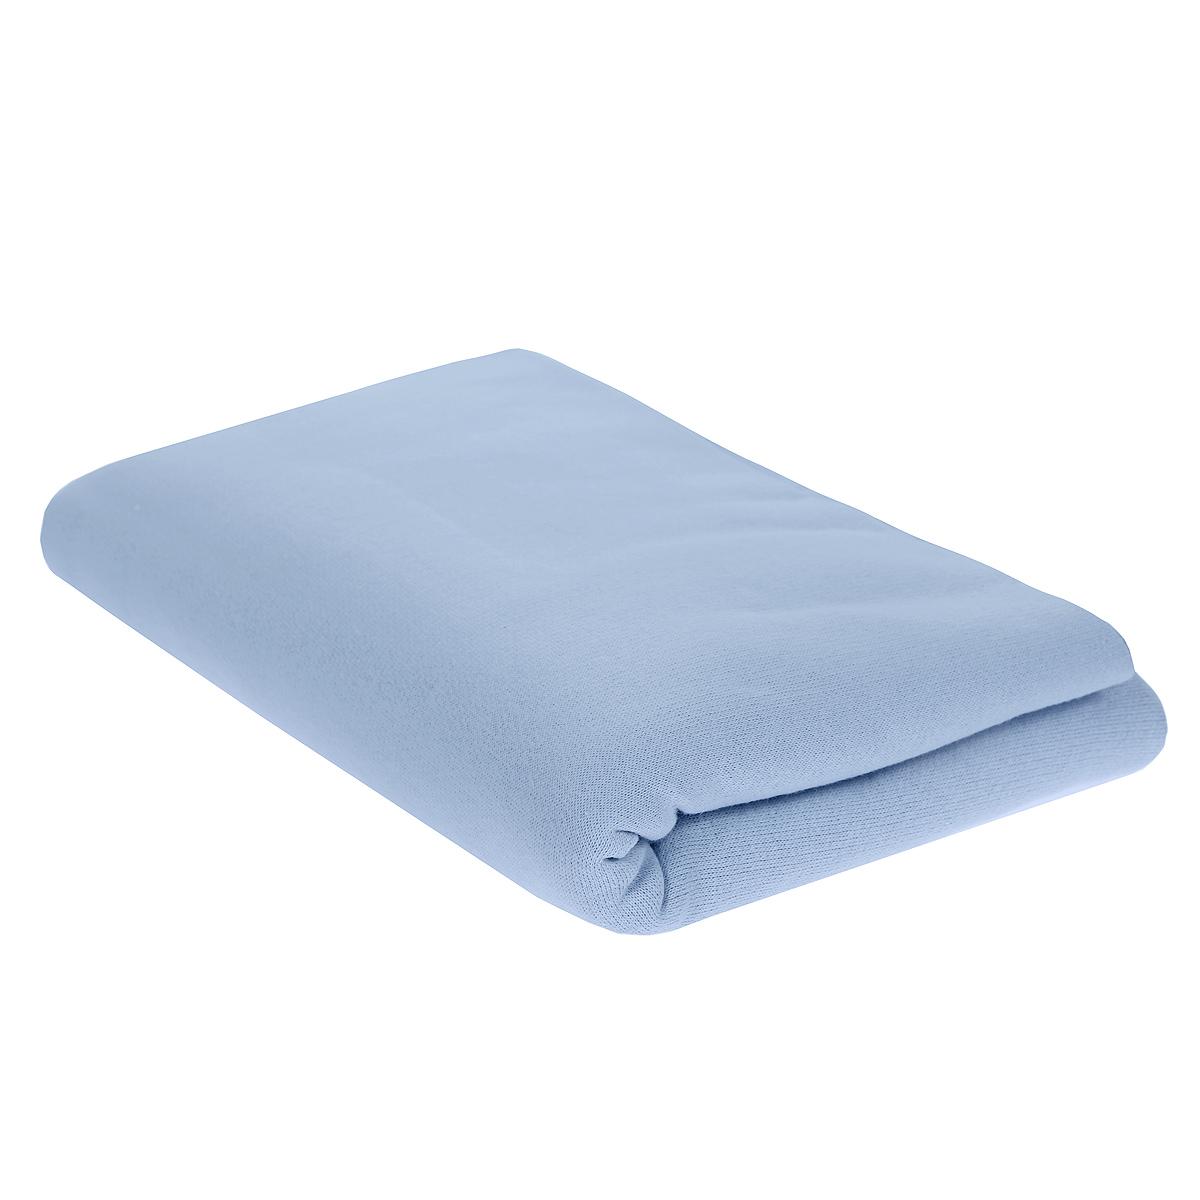 Трон-Плюс Пеленка детская цвет голубой 120 см х 90 см5411 гДетская пеленка Трон-Плюс подходит для пеленания ребенка с самого рождения. Она невероятно мягкая и нежная на ощупь. Пеленка выполнена из футера - хлопчатобумажной ткани с небольшим начесом с изнаночной стороны. Такая ткань прекрасно дышит, она гипоаллергенна, обладает повышенными теплоизоляционными свойствами и не теряет формы после стирки. Мягкая ткань укутывает малыша с необычайной нежностью. Пеленку также можно использовать как легкое одеяло в теплую погоду, простынку, полотенце после купания, накидку для кормления грудью или как согревающий компресс при коликах. Ее размер подходит для пеленания даже крупного малыша. Характеристики: Размер пеленки: 120 см x 90 см.